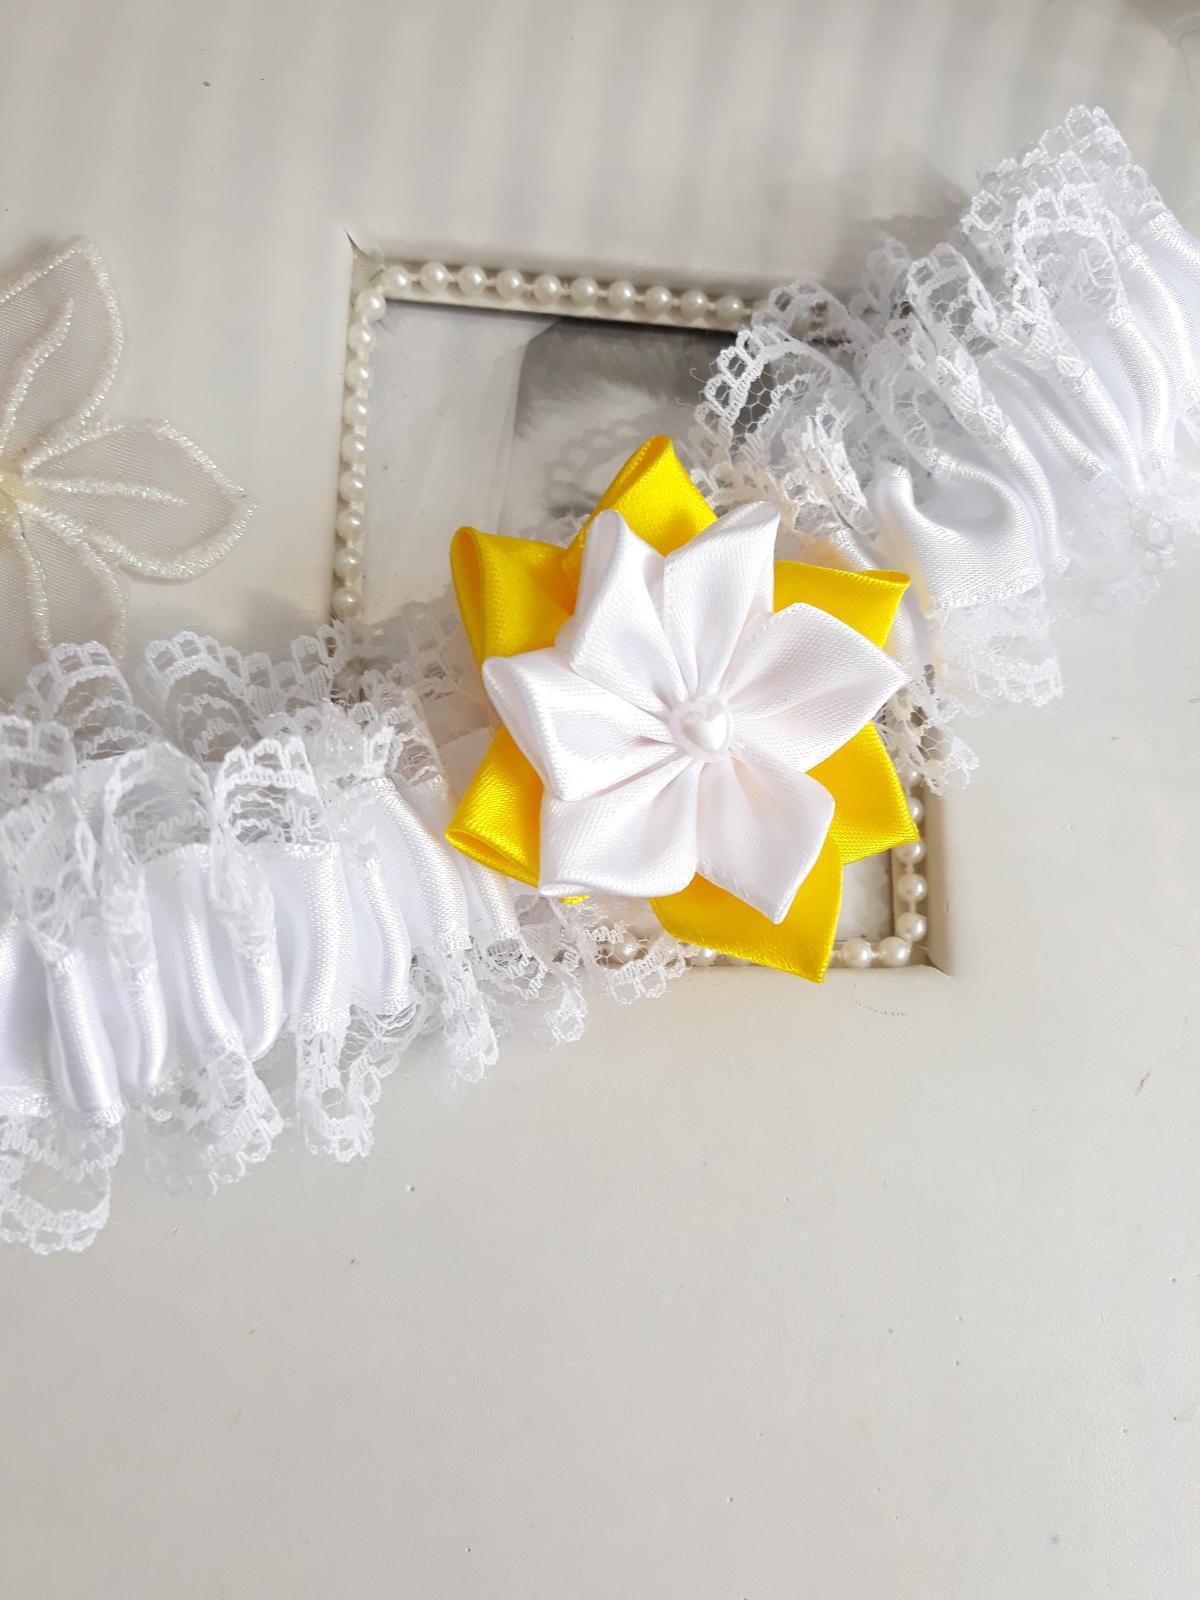 Bílý podvazek s kytičkou na přání  - Obrázek č. 1